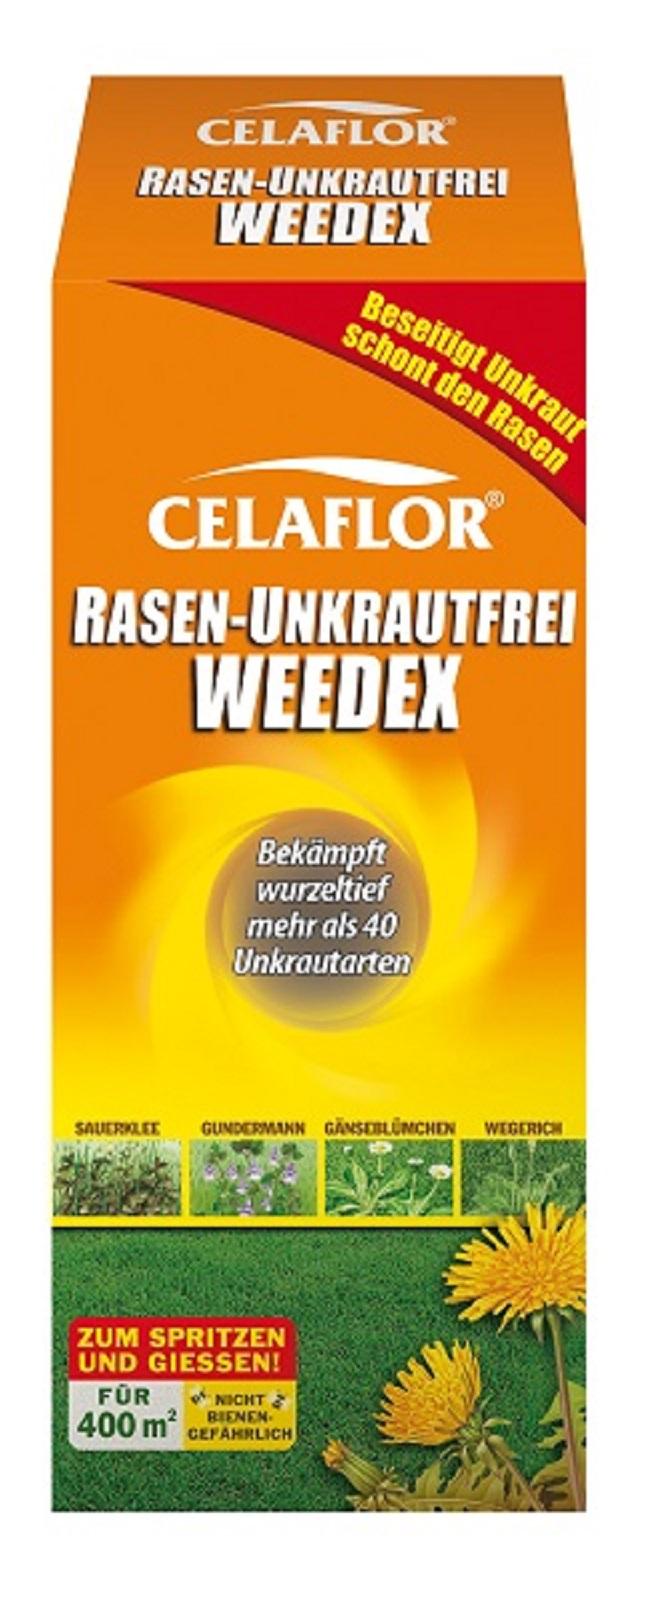 Celaflor Rasen Unkrautfrei Weedex 100 ml Unkrautvernichter